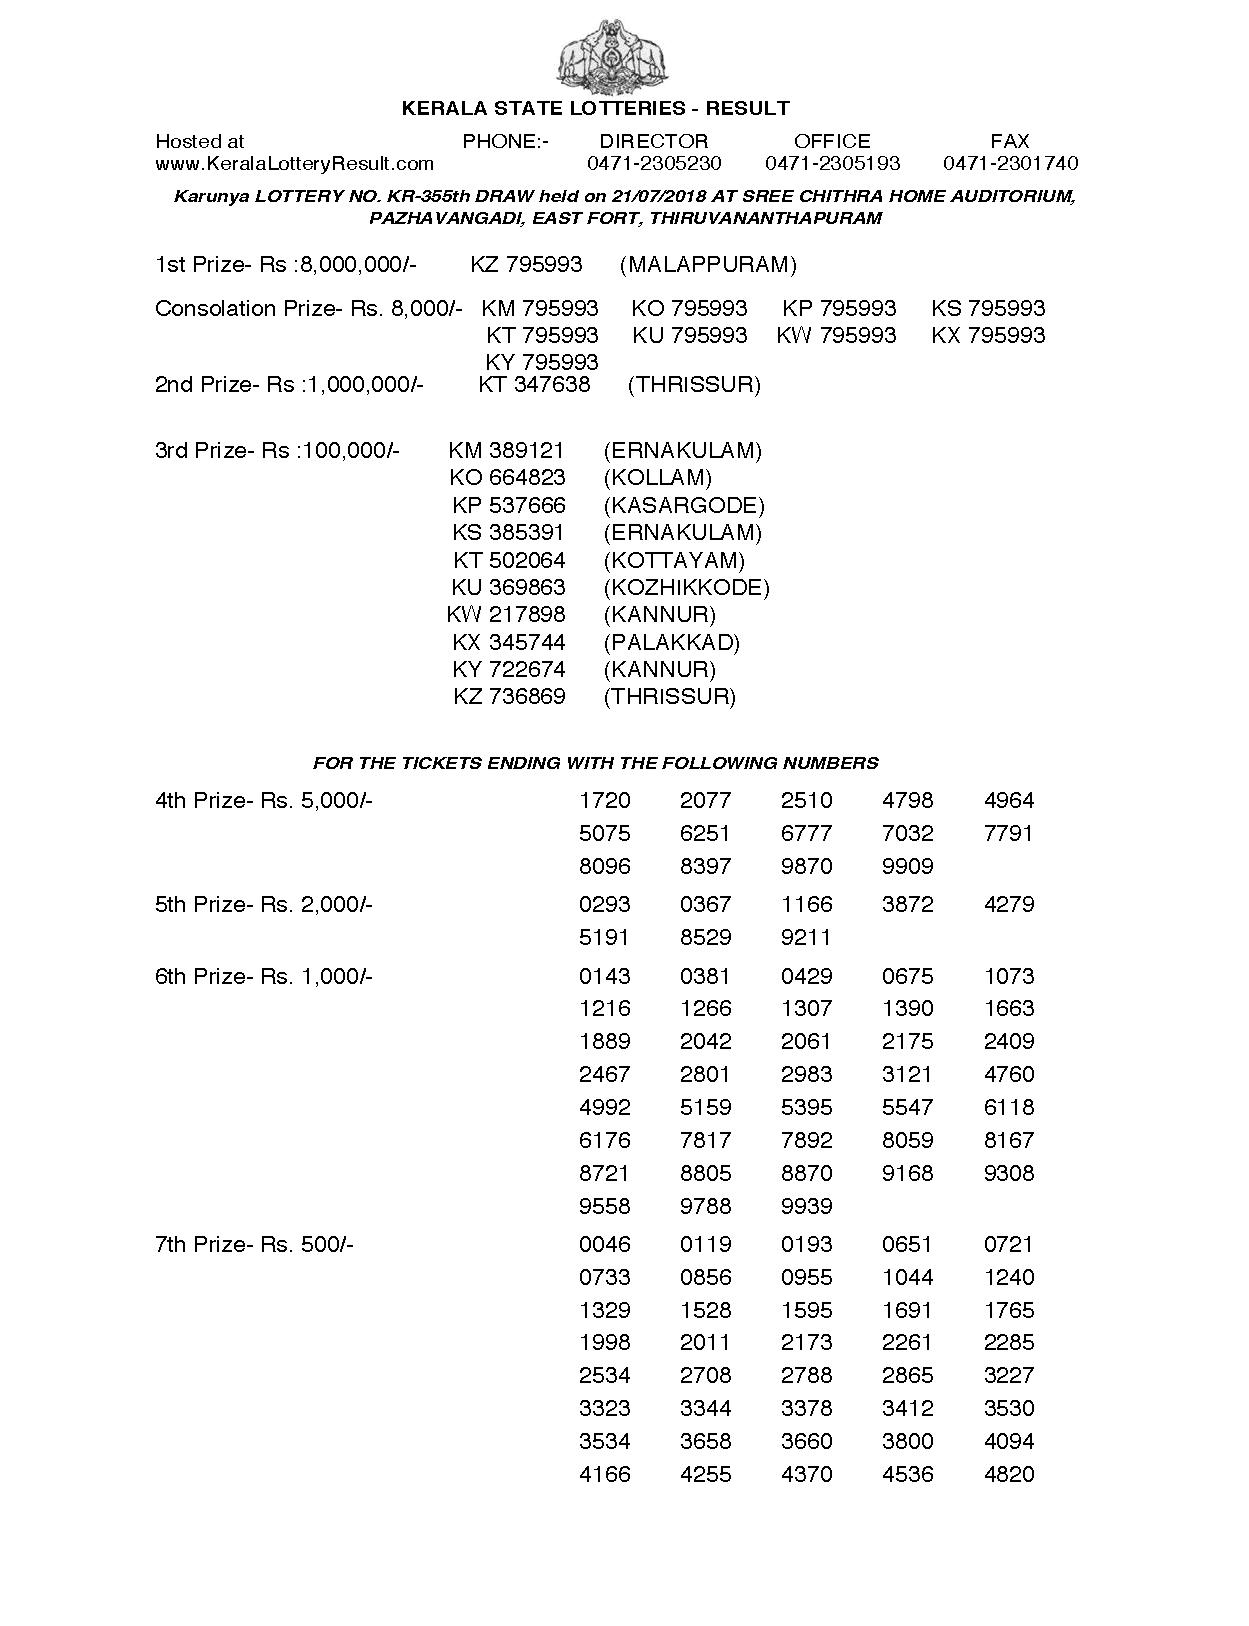 Karunya KR355 Kerala Lottery Results Screenshot: Page 1